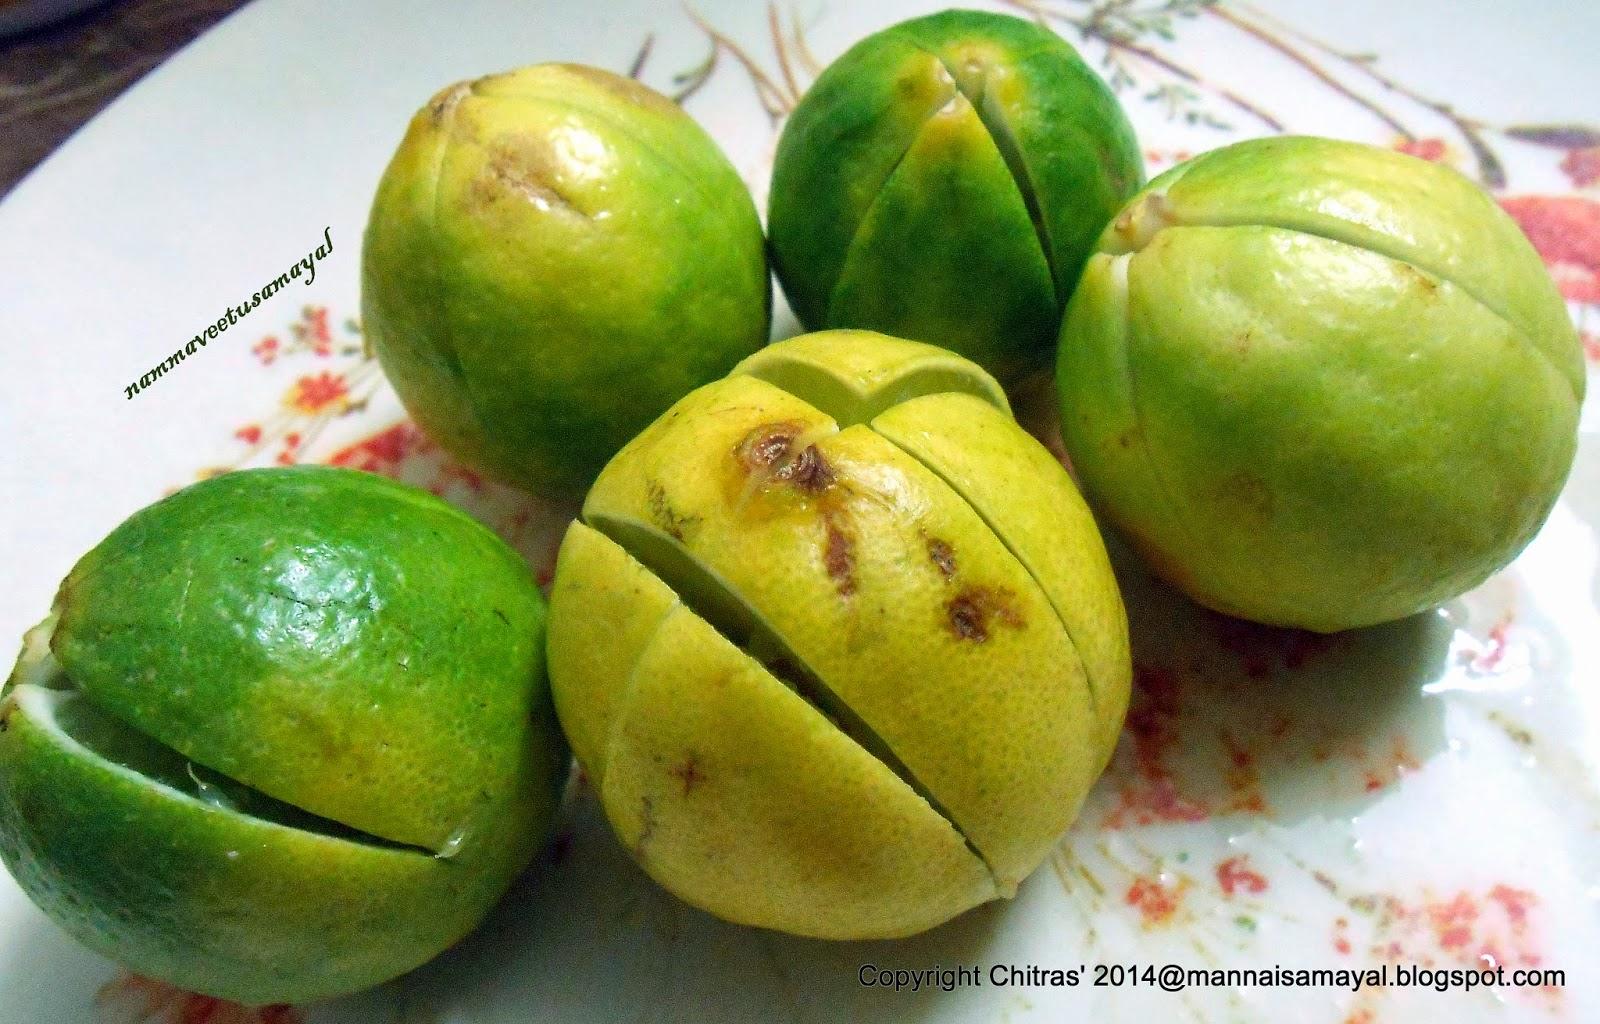 quartered lemon